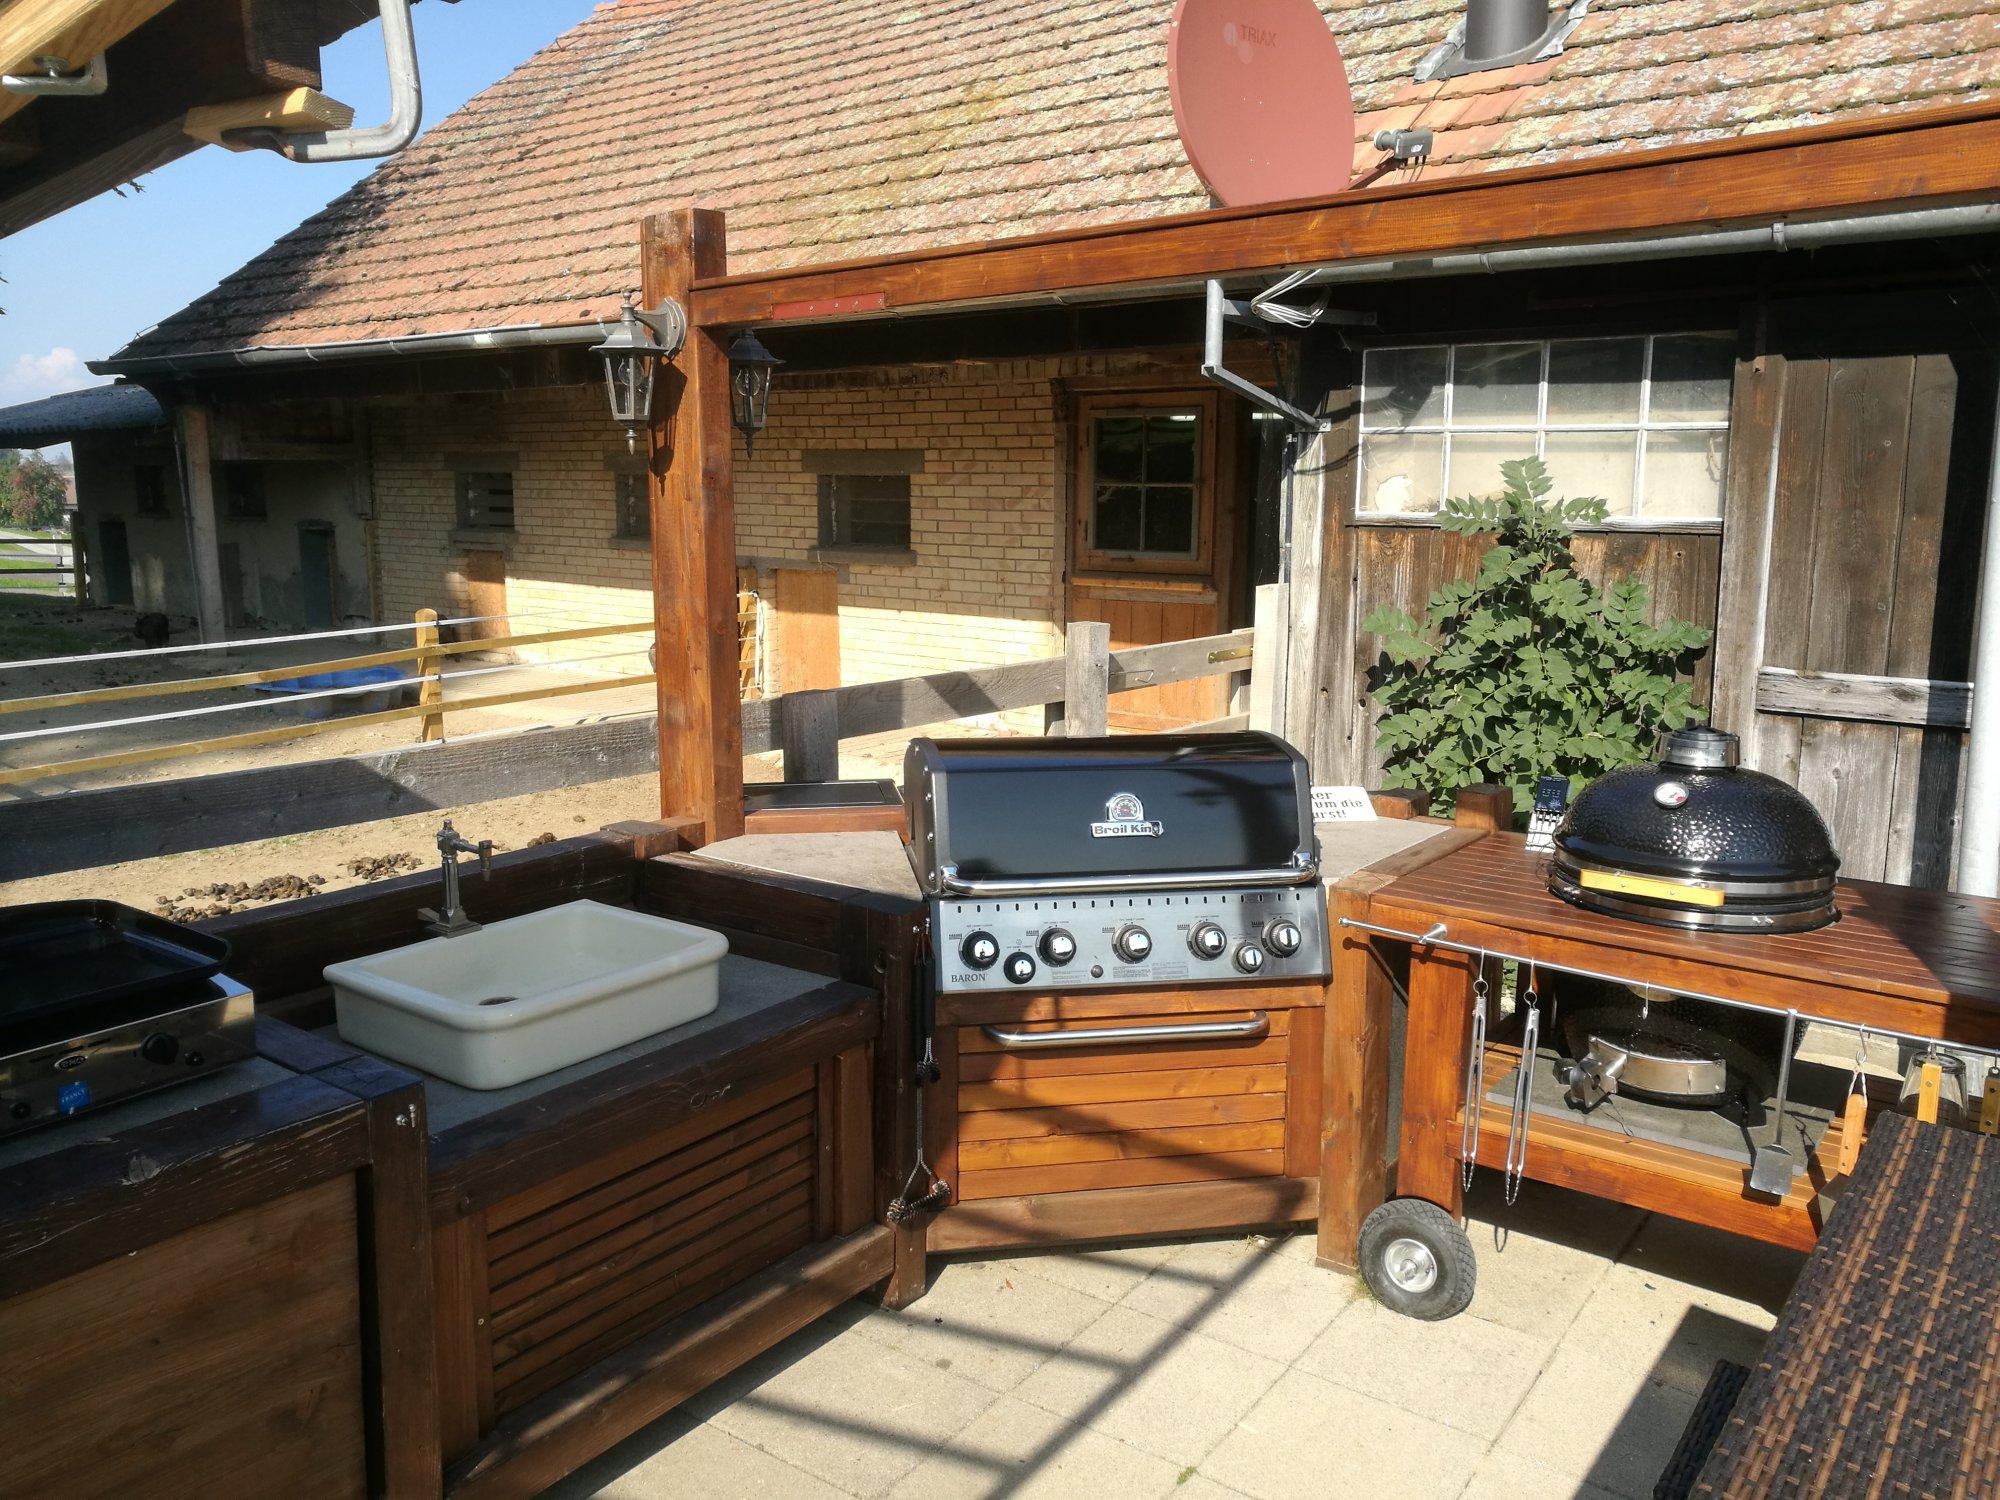 Outdoorküche Klappbar Forum : Outdoorküche für draussen ein provisorisches provisorium seite 7